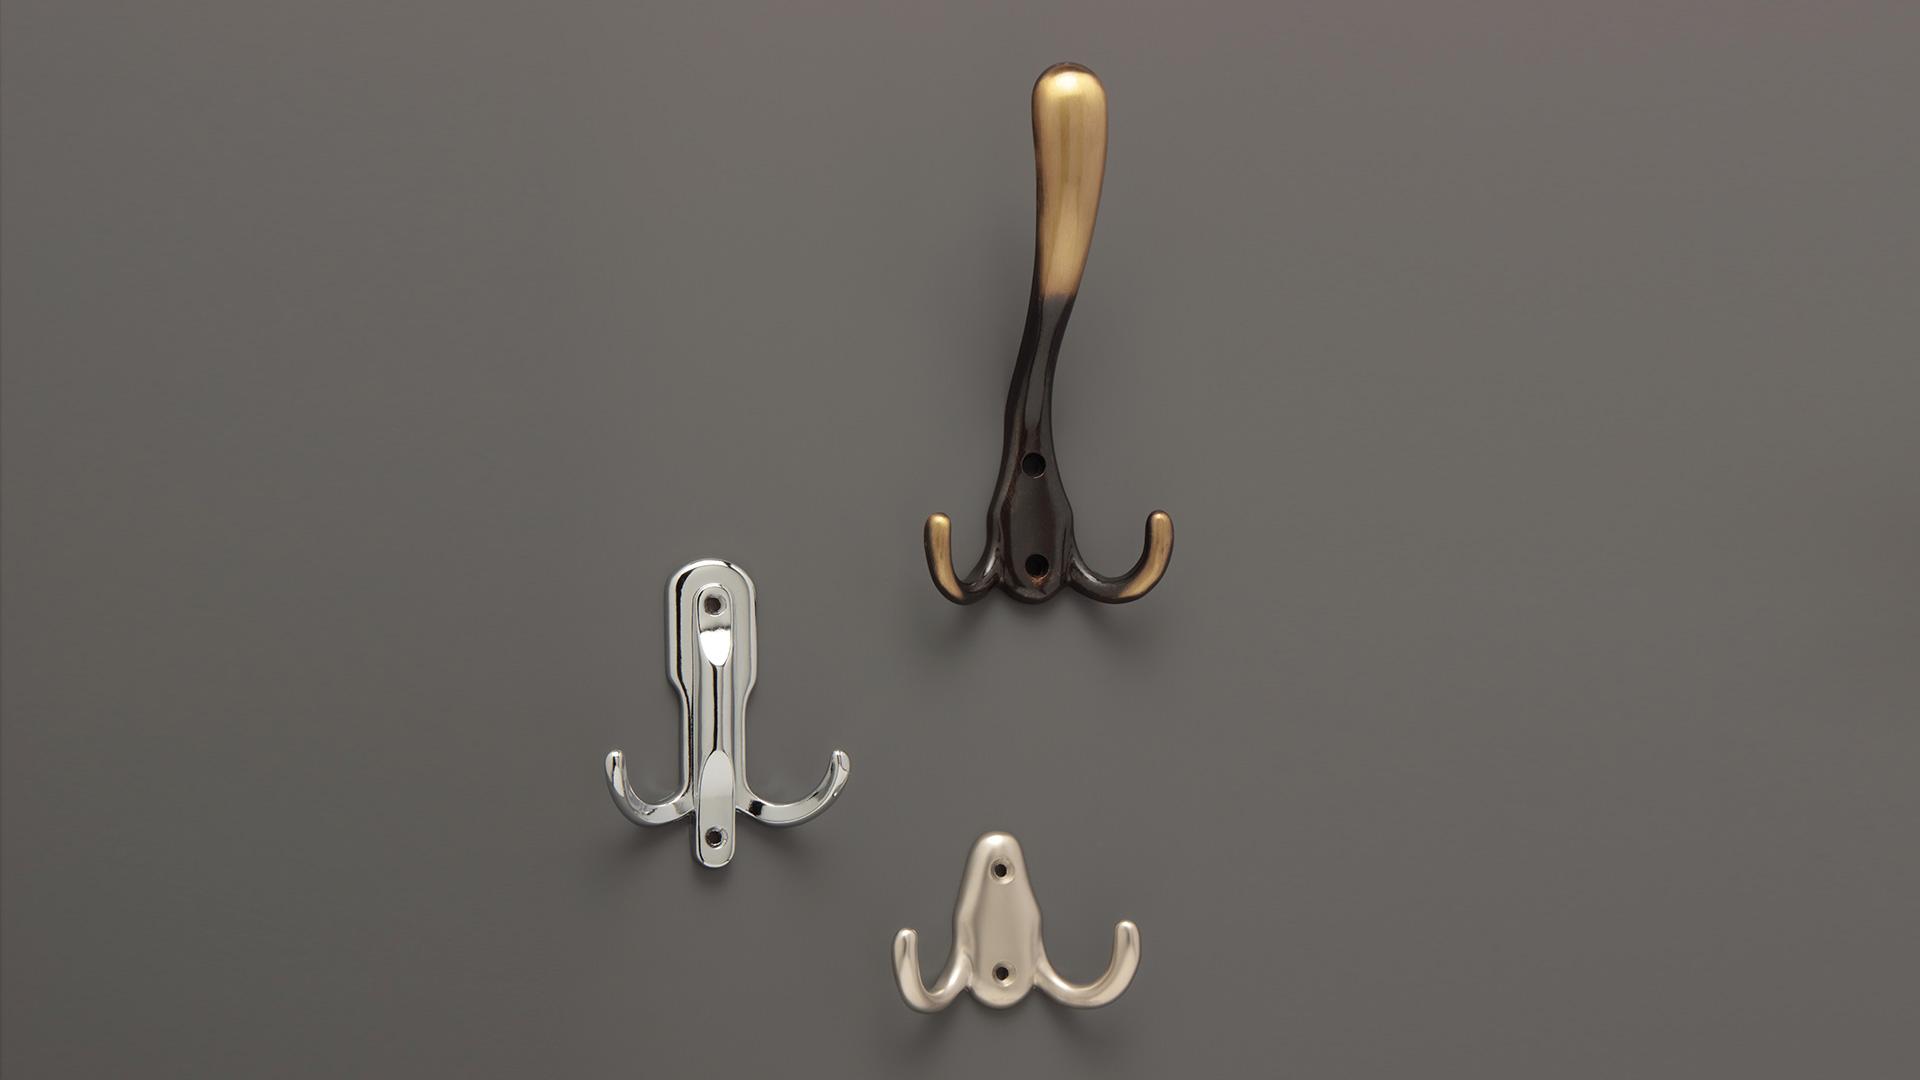 009_CITTERIOGIULIO_coat-hangers.jpg